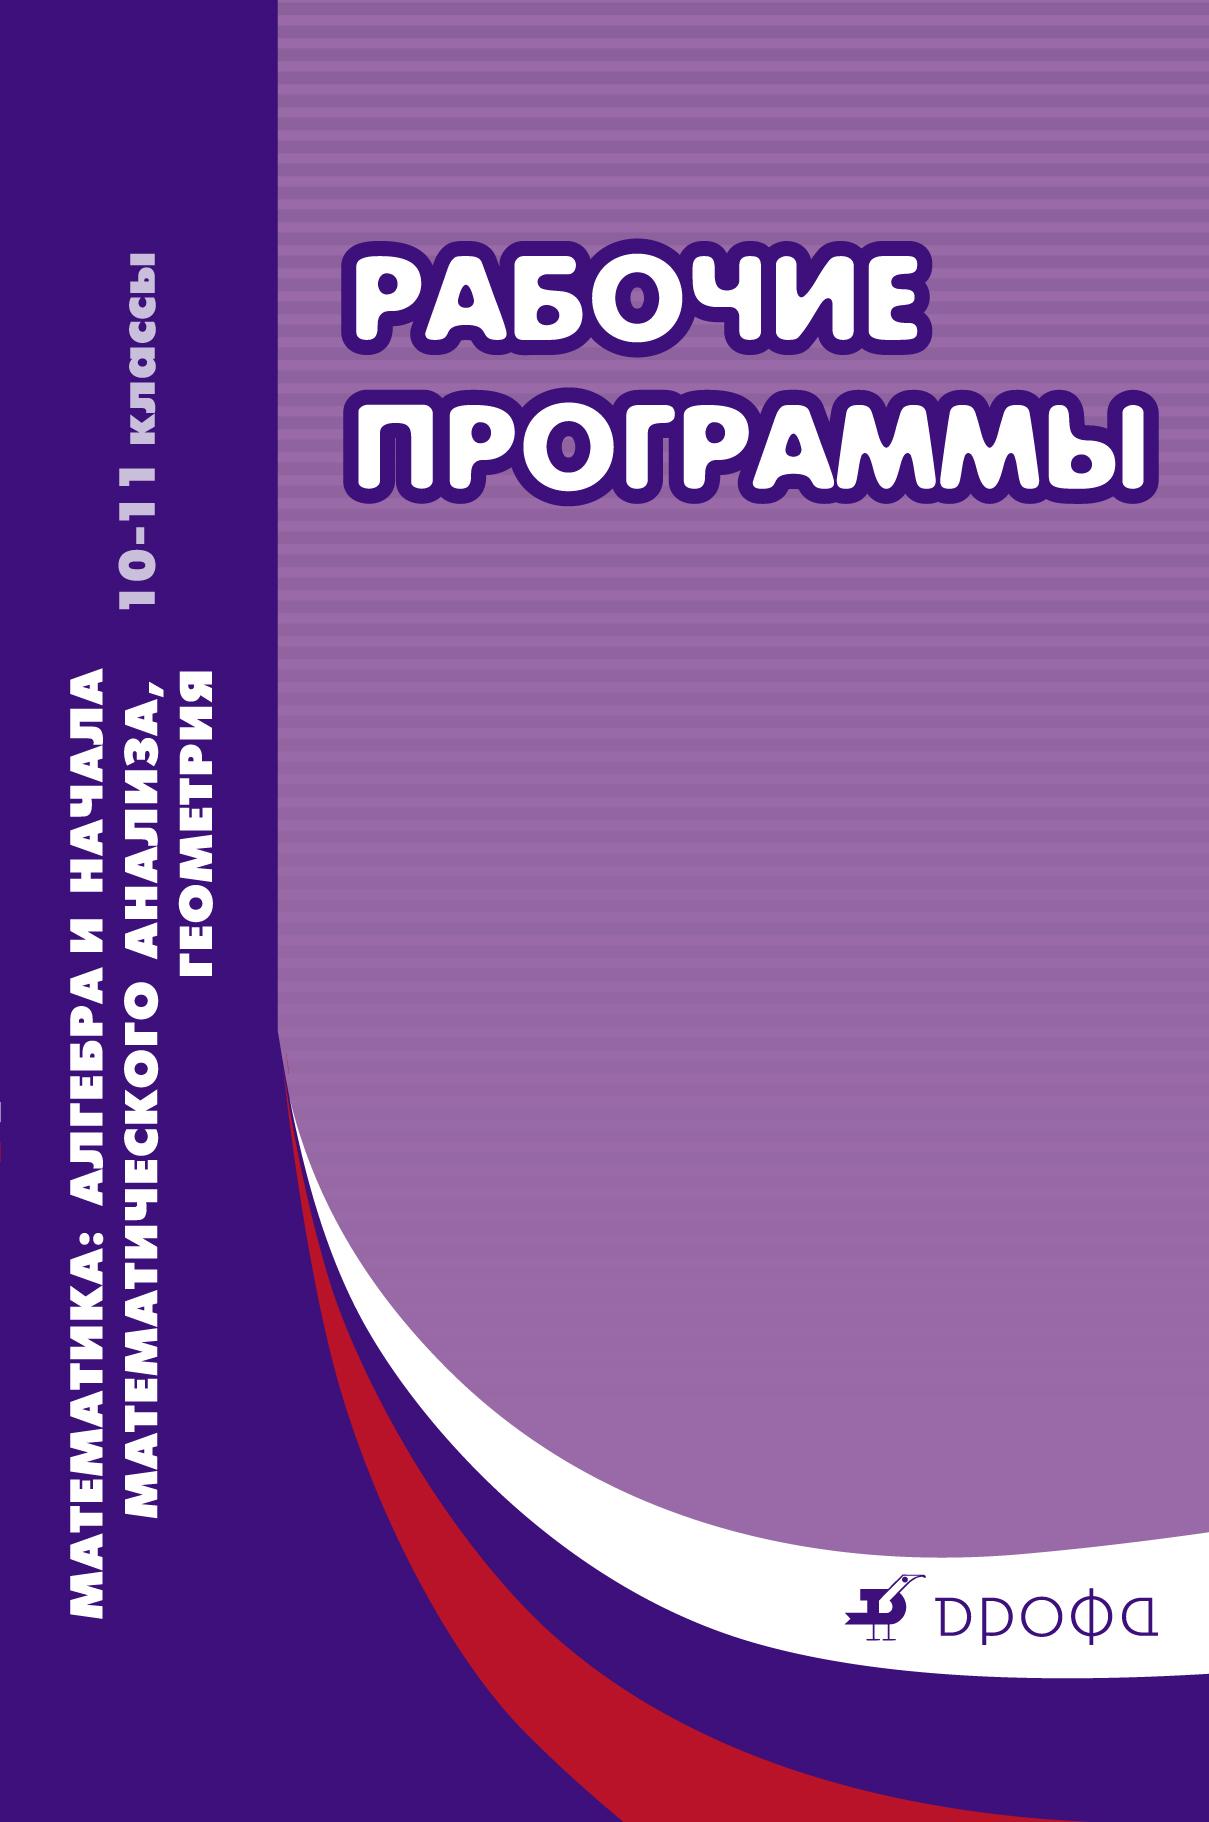 Муравина О.В. Математика: алгебра и начала математического анализа, геометрия. 10-11классы. Рабочие программы